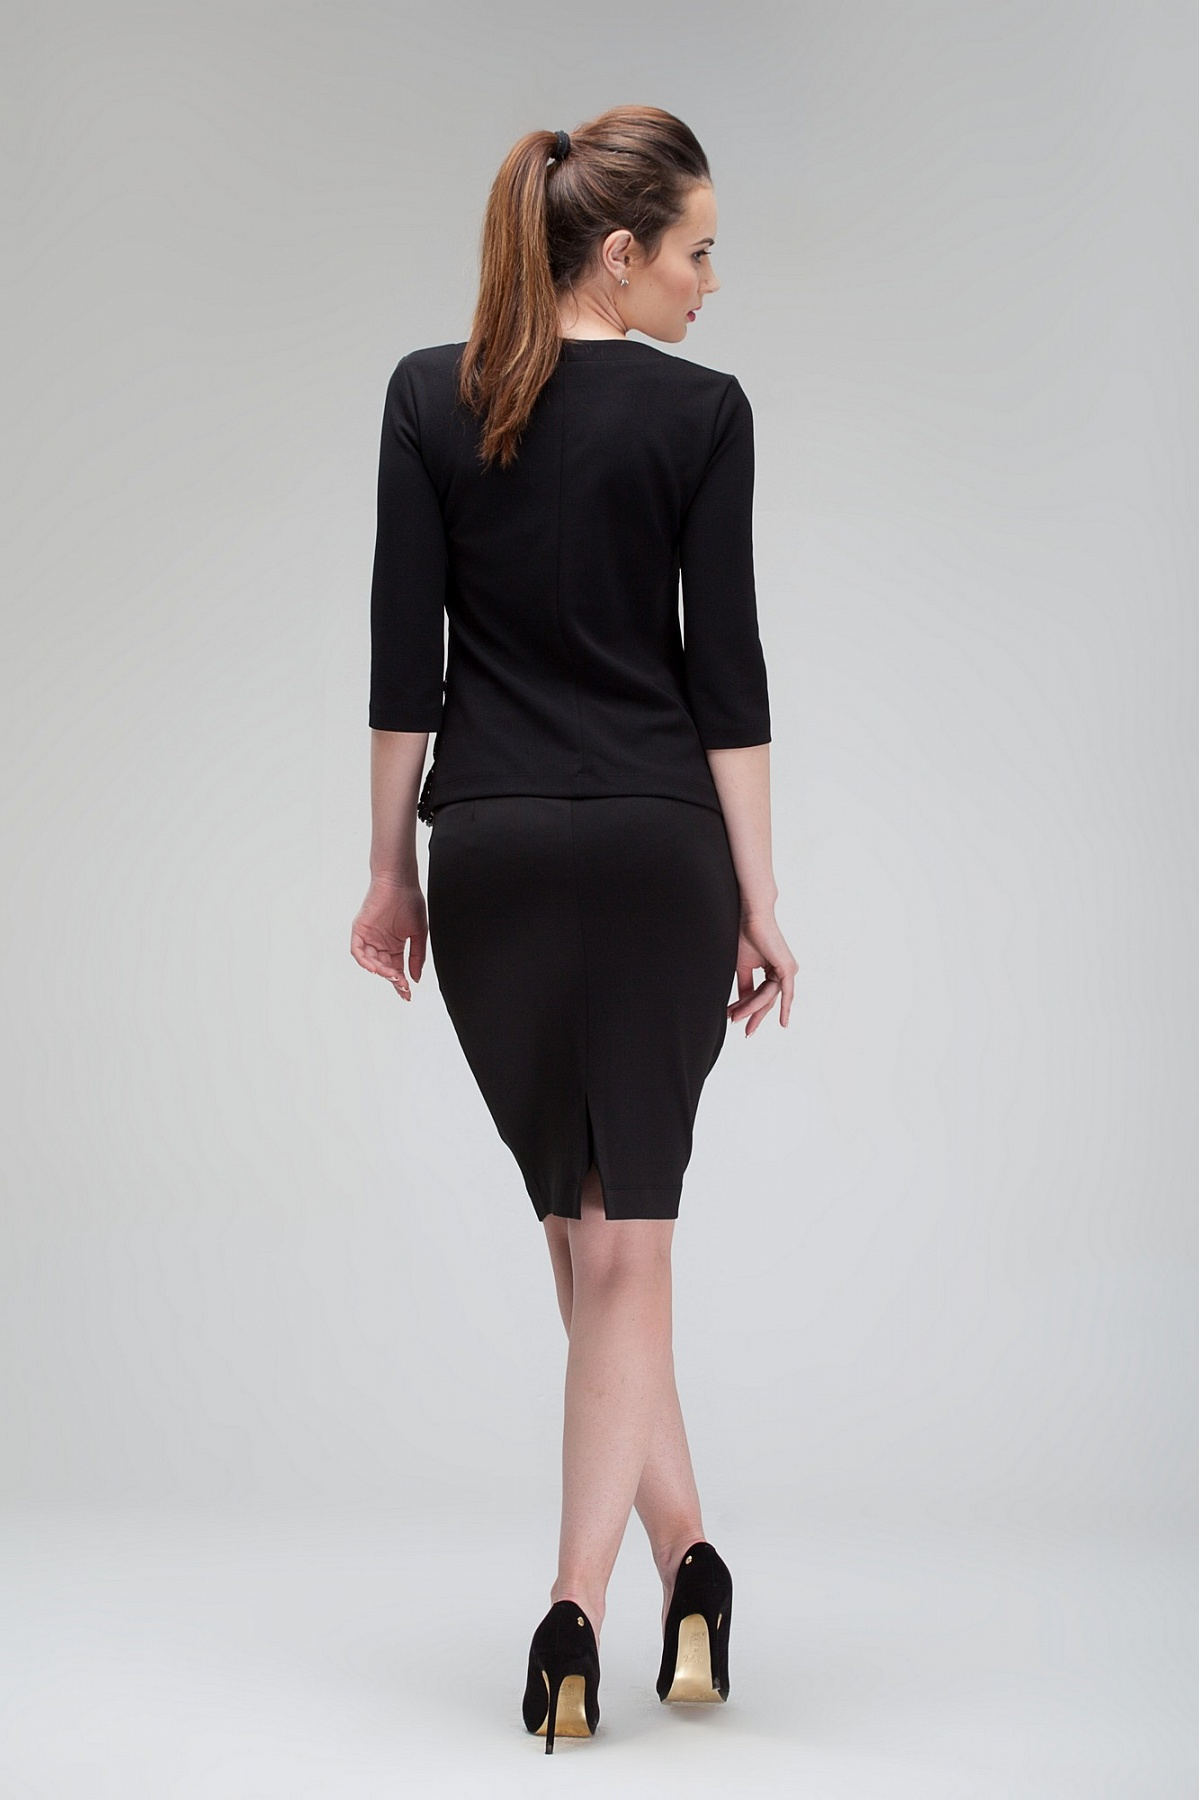 Нарядная женская одежда интернет магазин